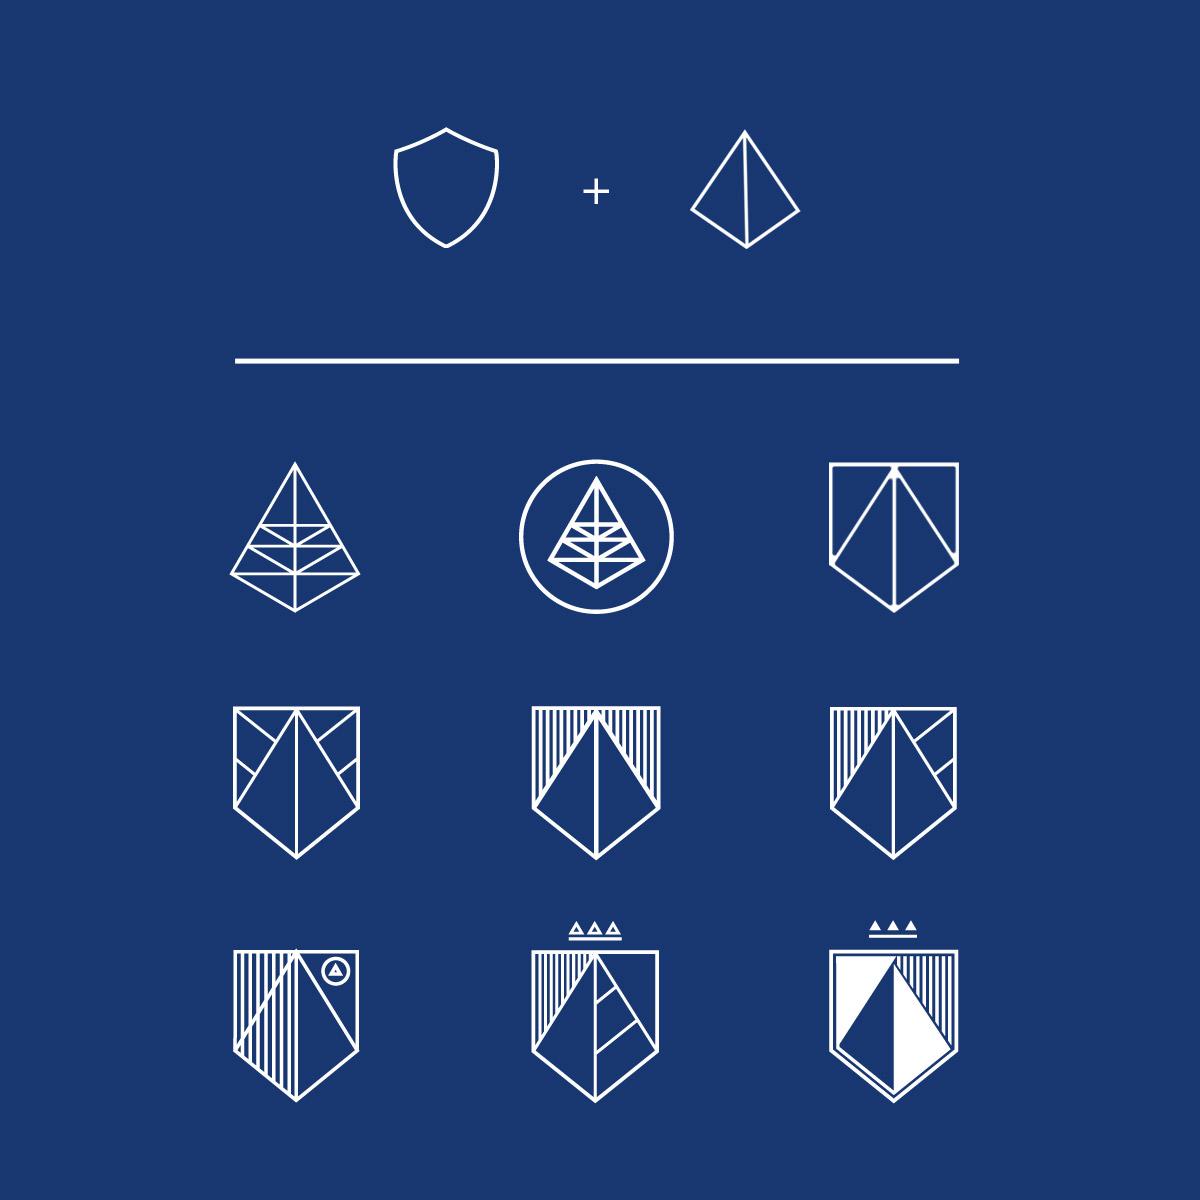 Konzept und Idee Logodesign Fidentia - IPR Consulting Establishment